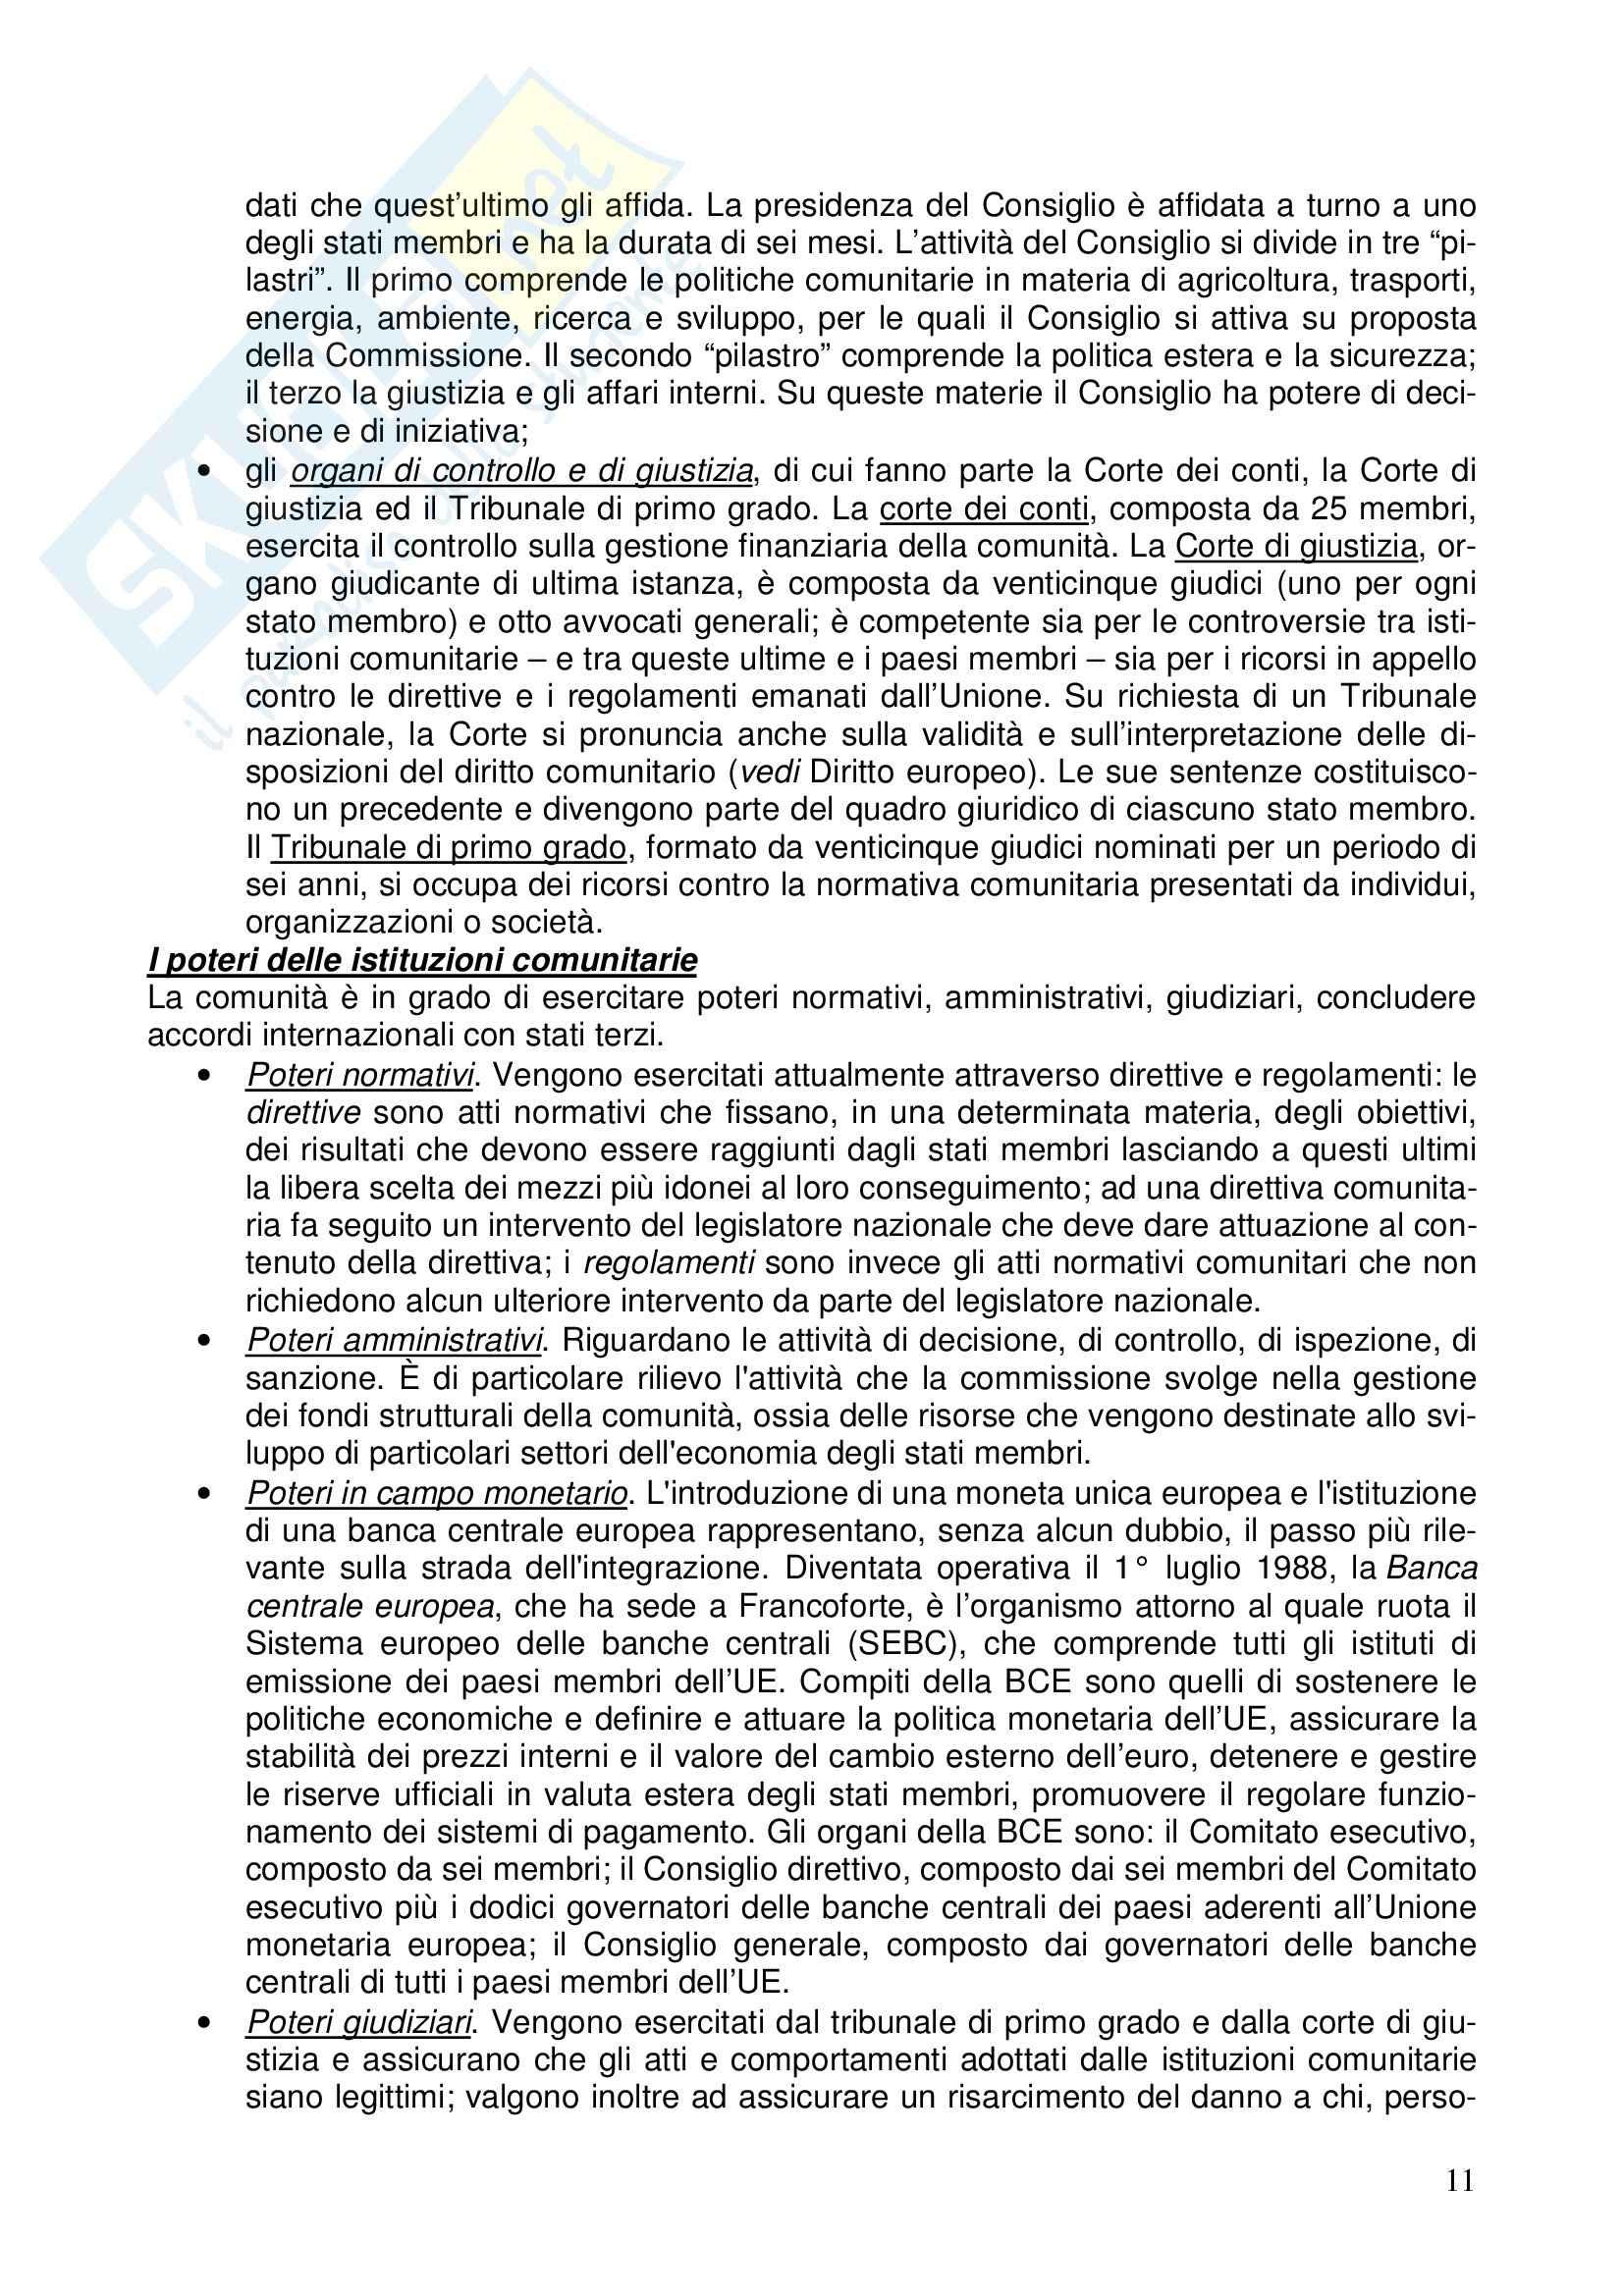 Diritto costituzionale - Riassunto esame, prof. Girelli Pag. 11